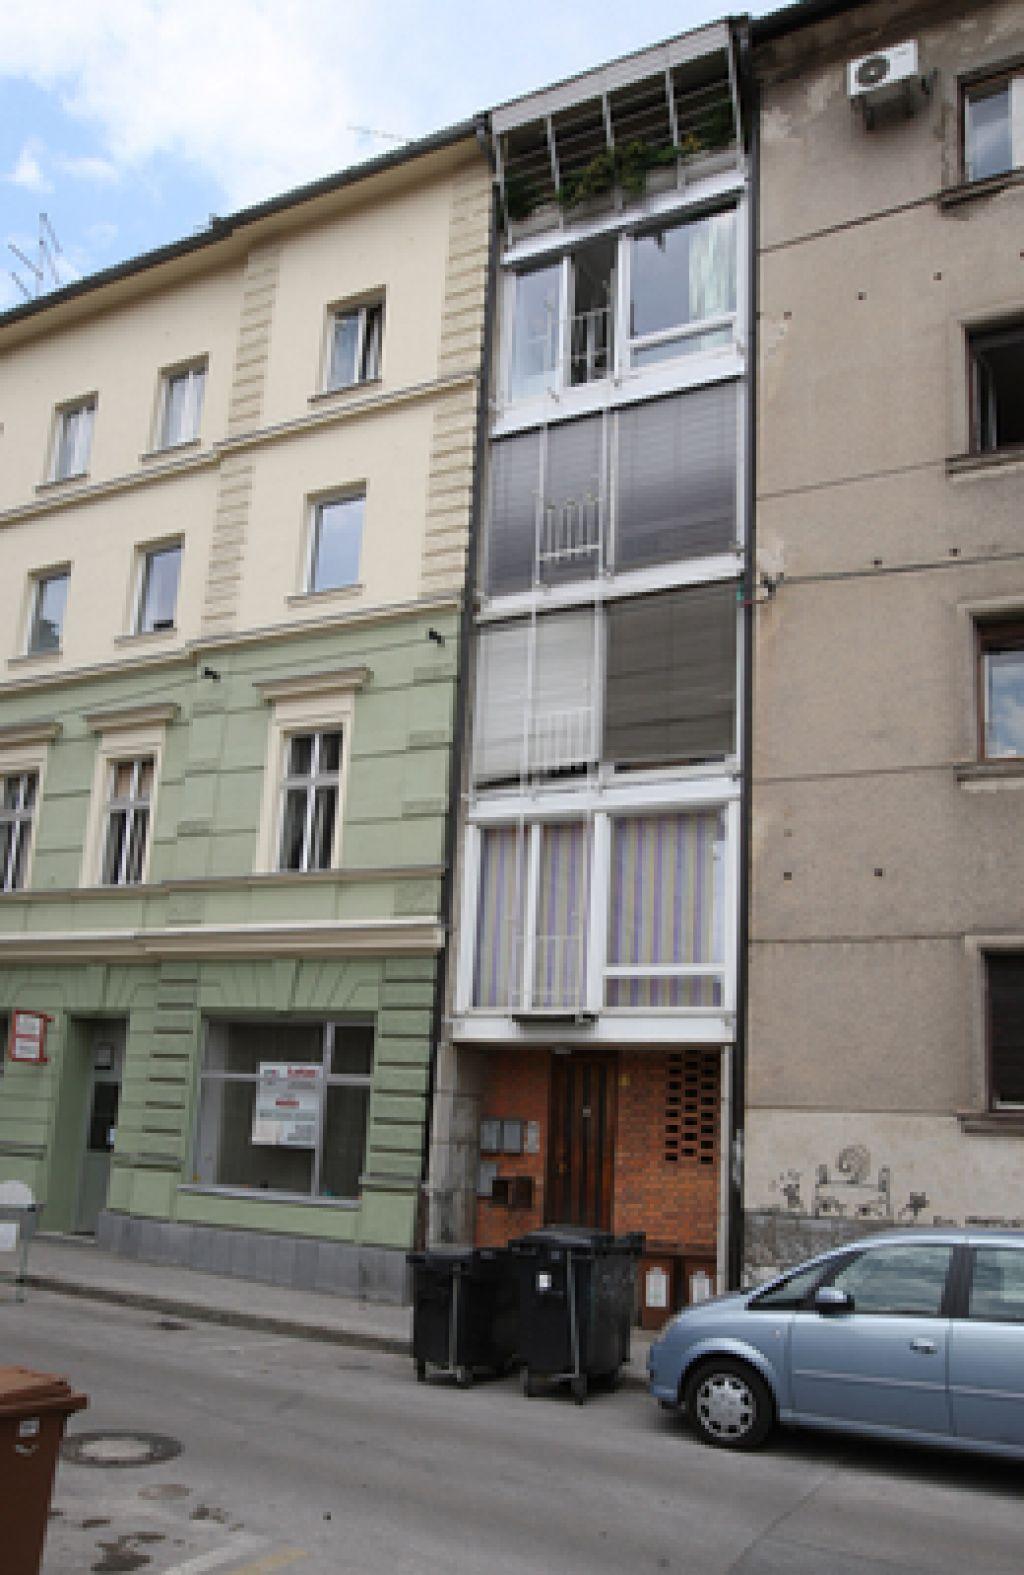 Poizvedovanje novinarke preprečilo prodajo stanovanja za 8000 evrov?